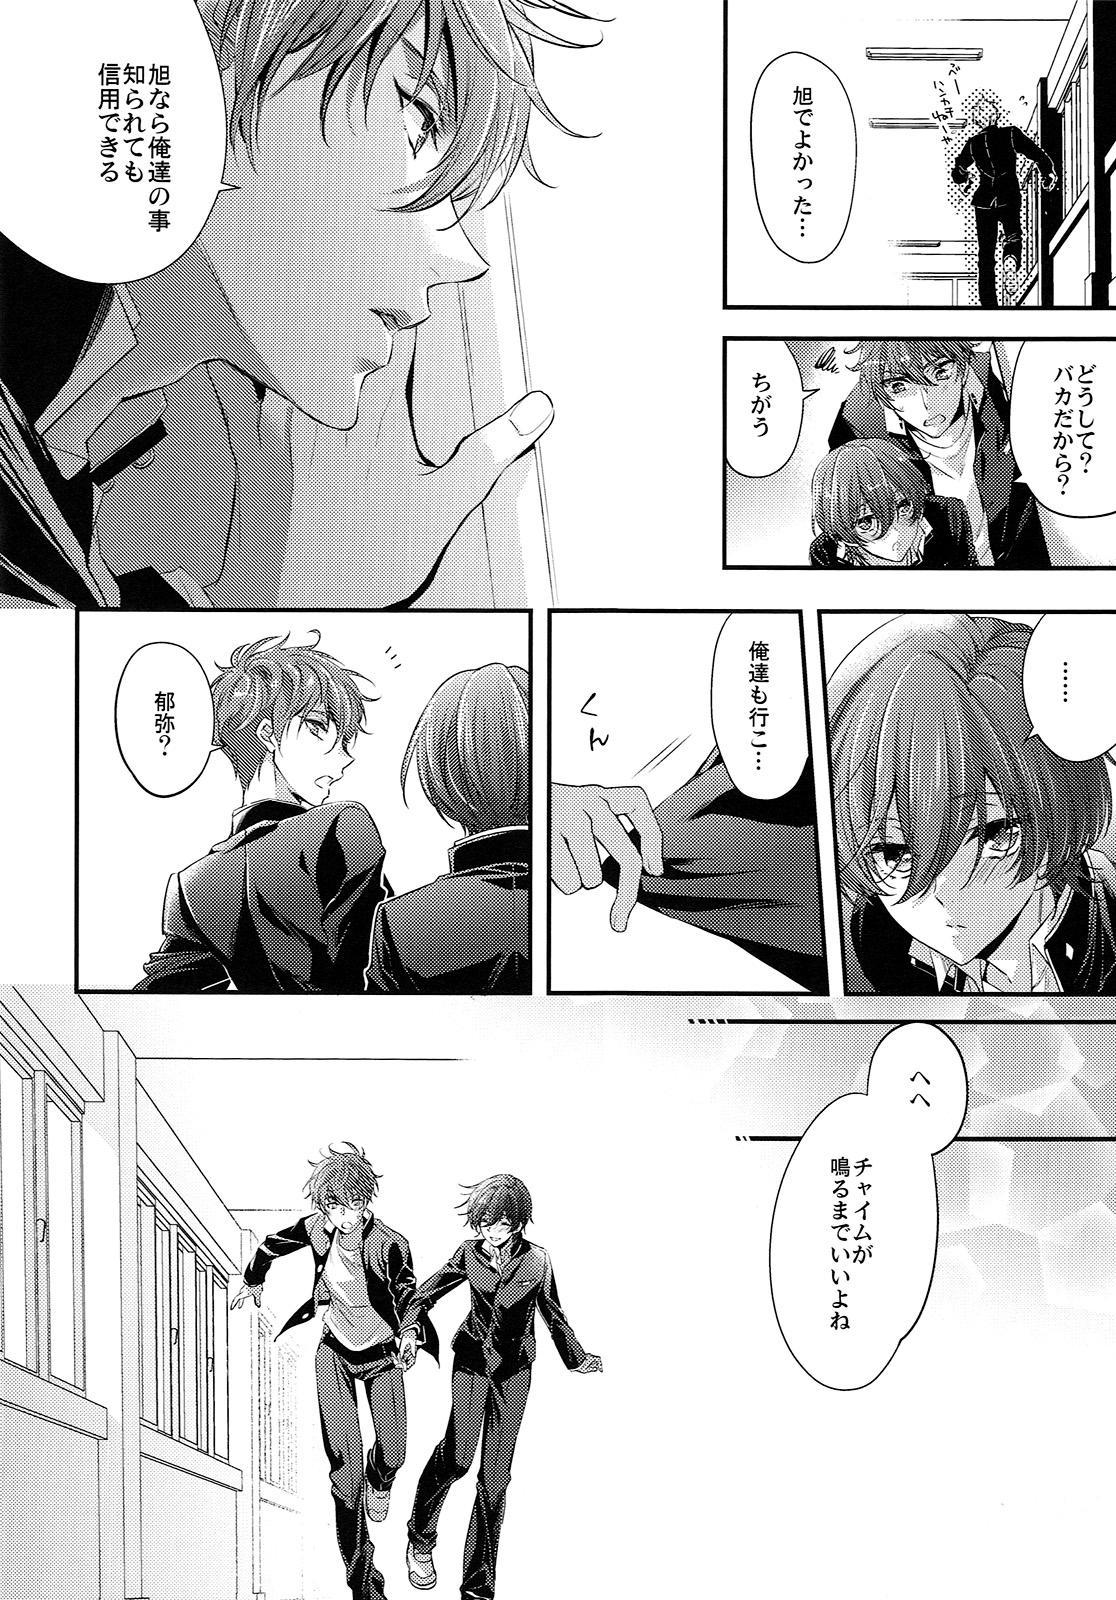 Aniki ga Kakkoyokute Shinpaisugiru! 12